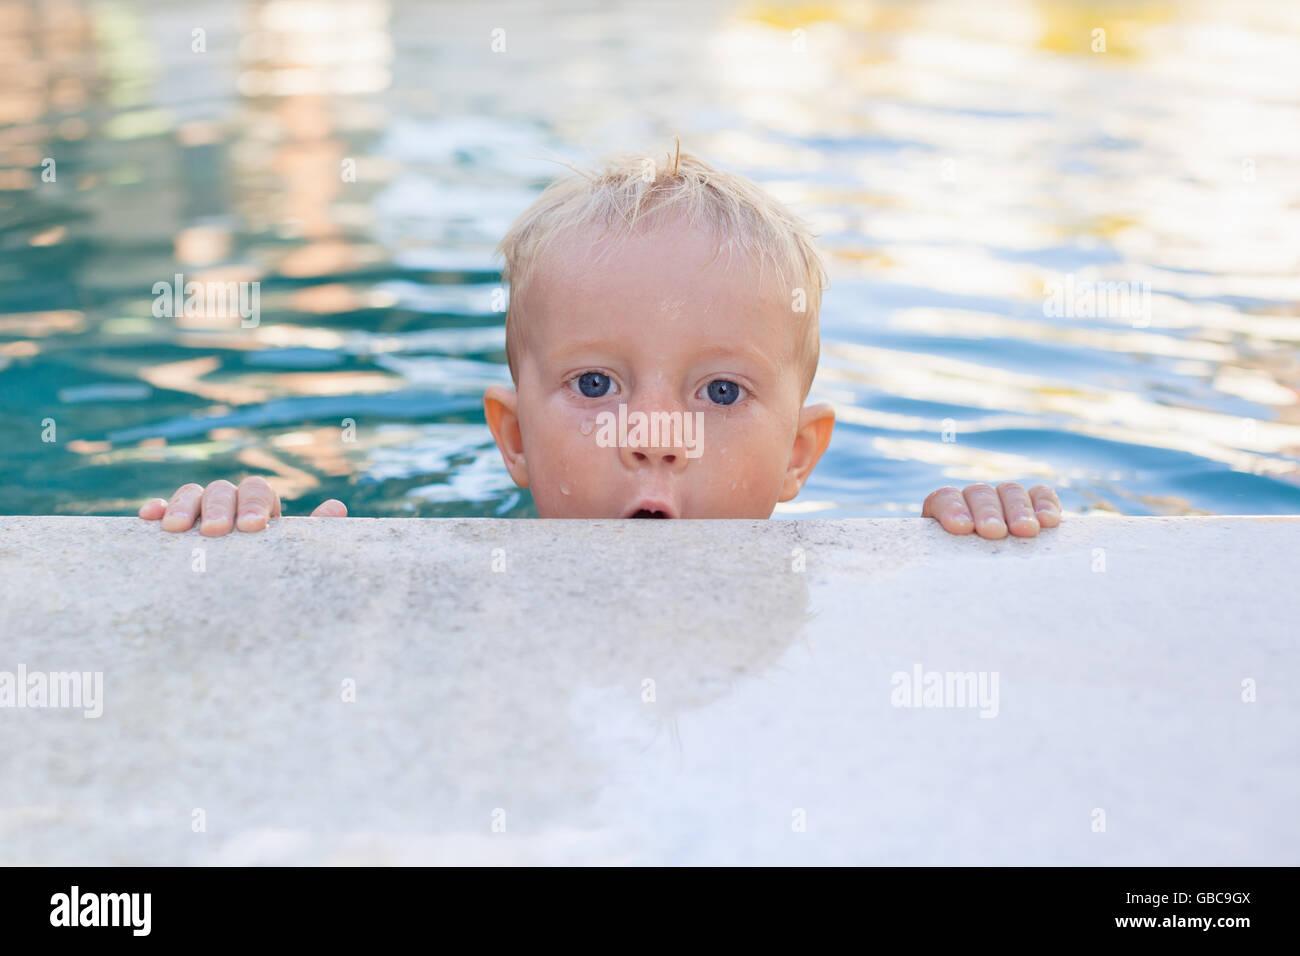 Apprendre à nager - drôle de visage de petit bébé garçon dans la piscine. Vie saine et Photo Stock